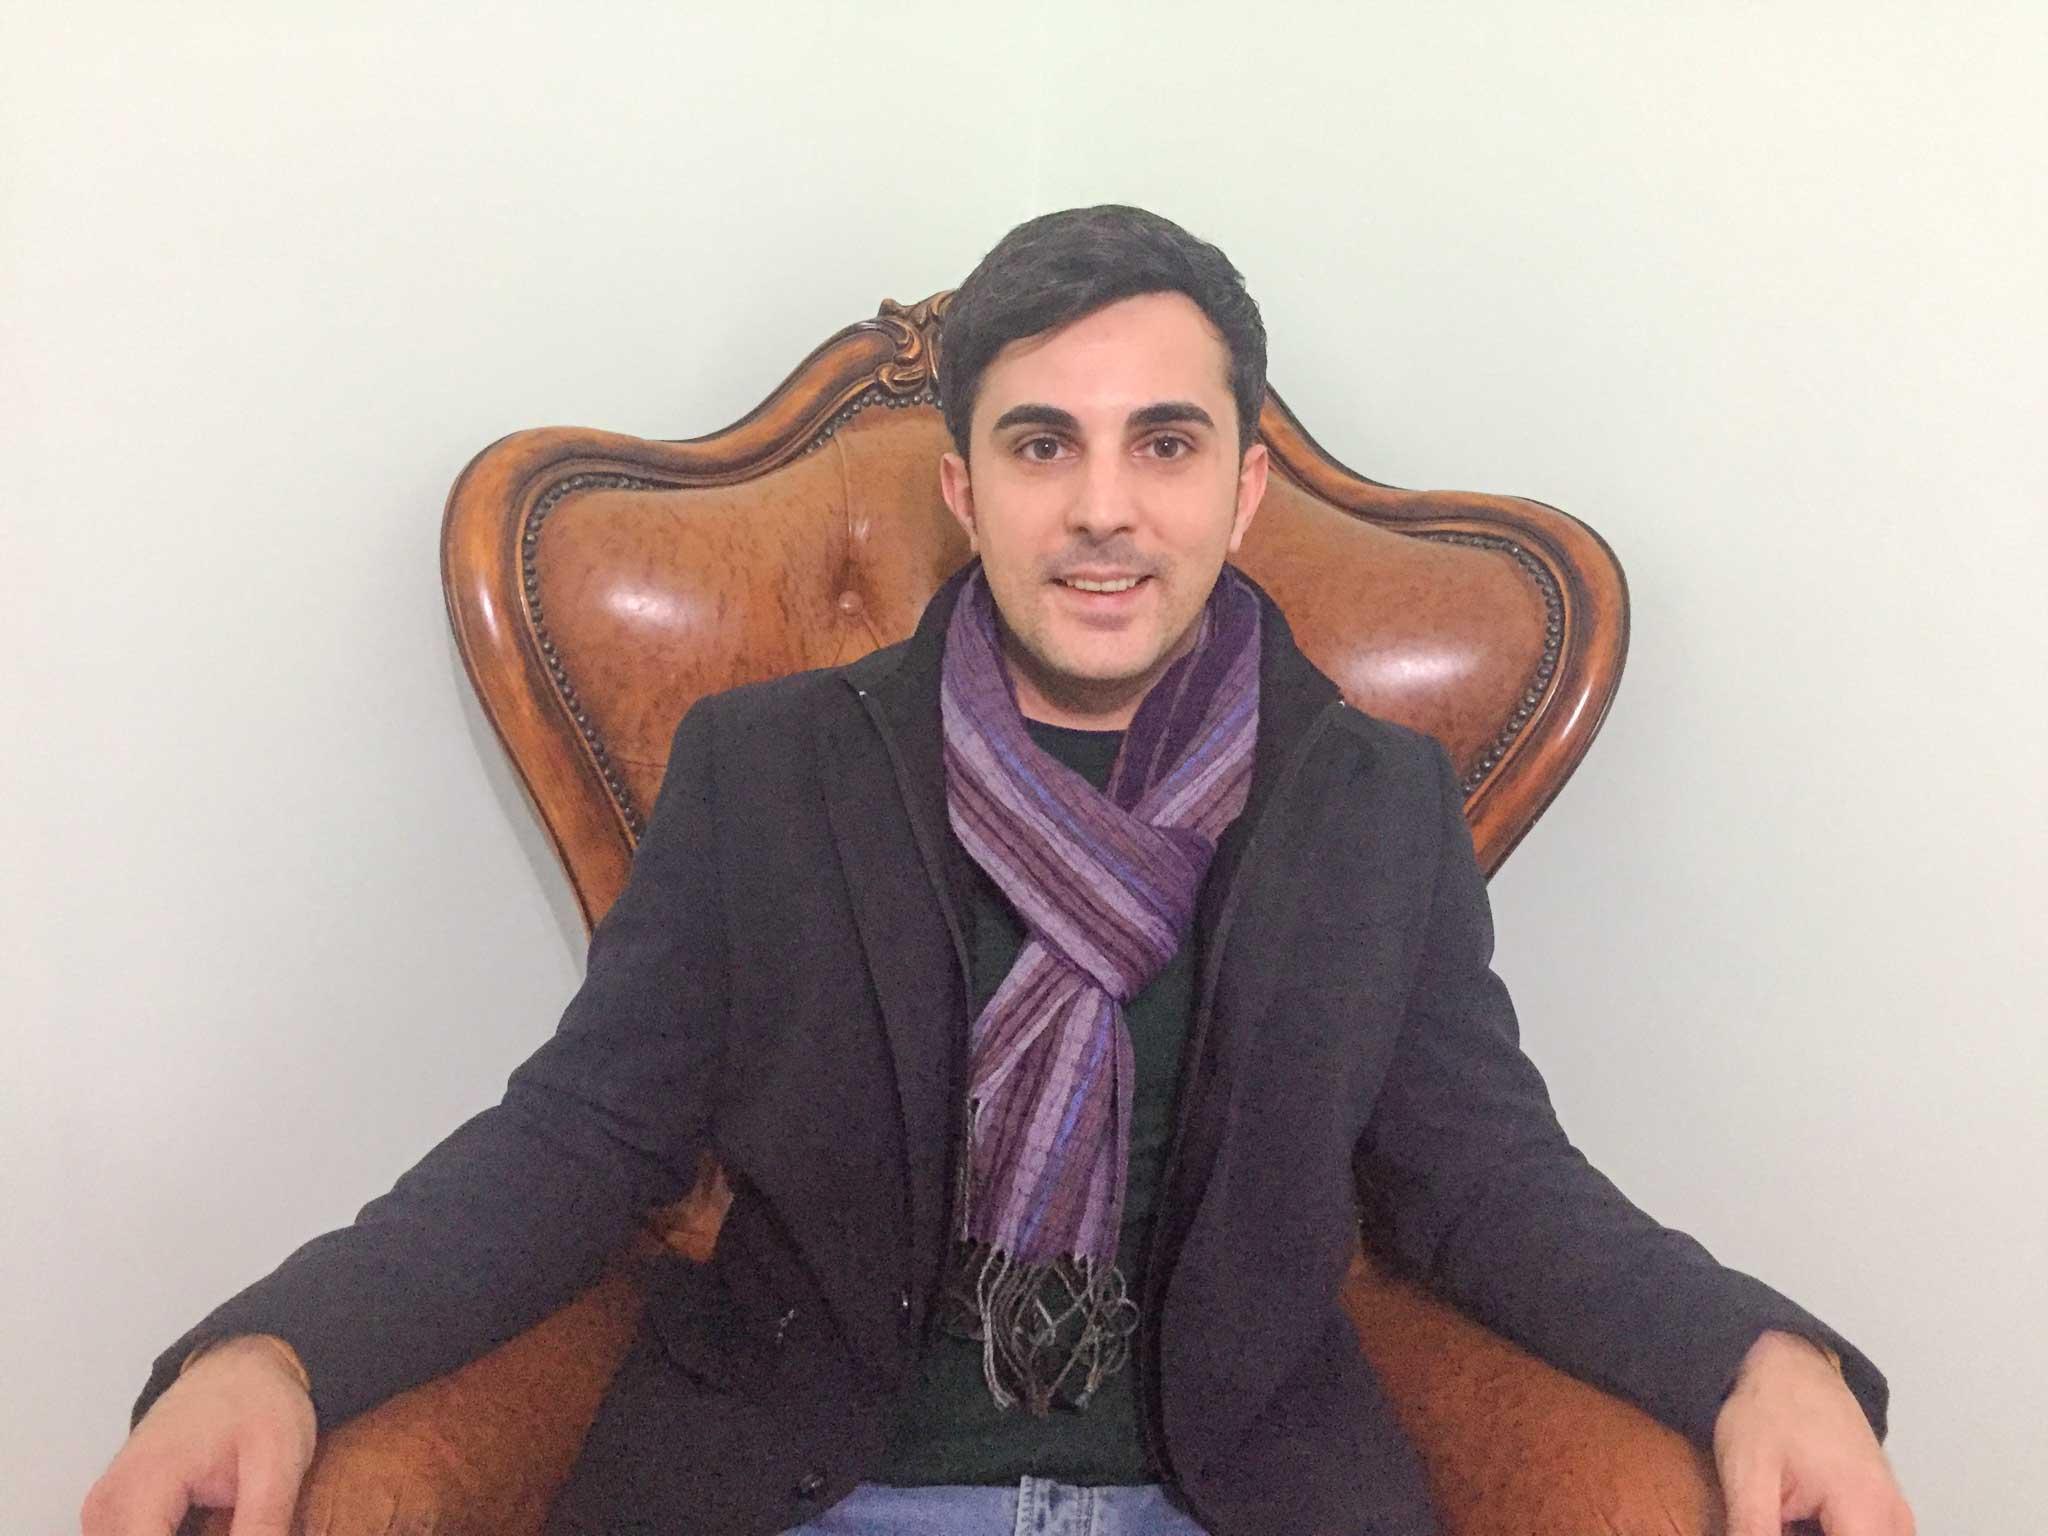 Dott. Carlo Opipari psicologo Sellia marina catanzaro